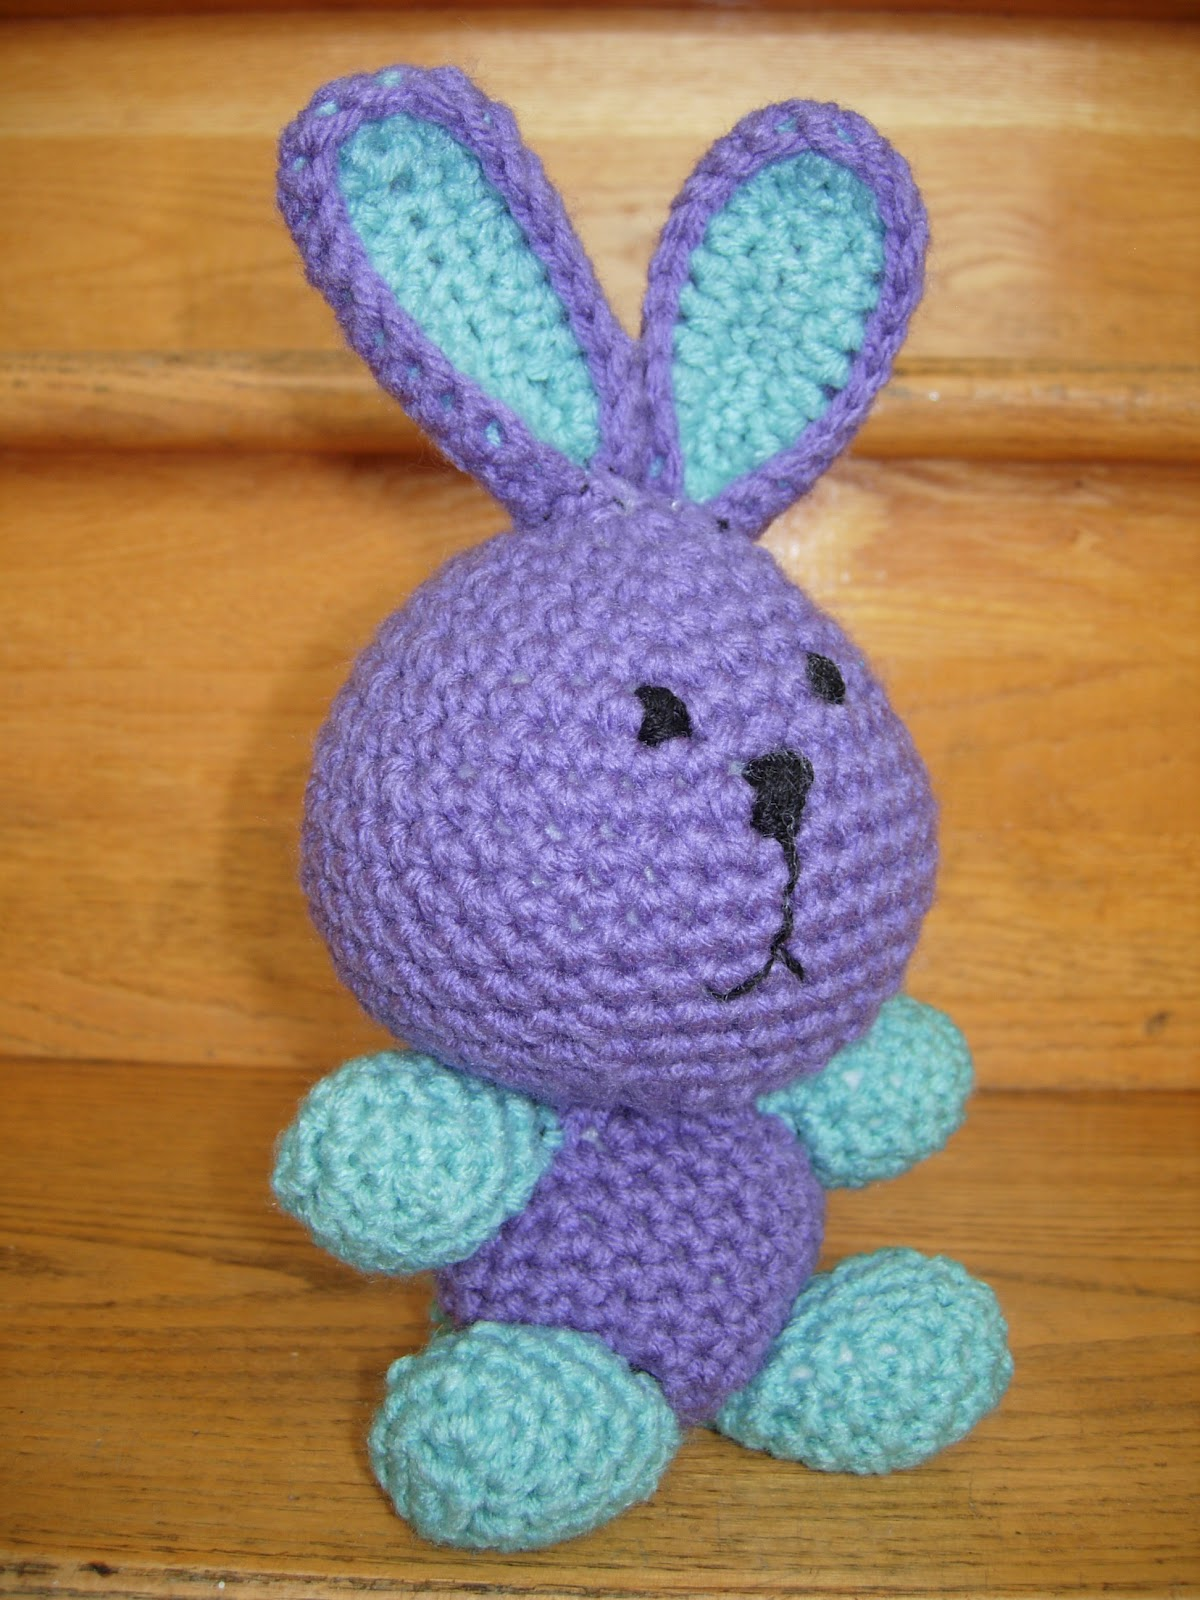 Amigurumi Rabbit Face : Krazy Kabbage: Purple Amigurumi Bunny